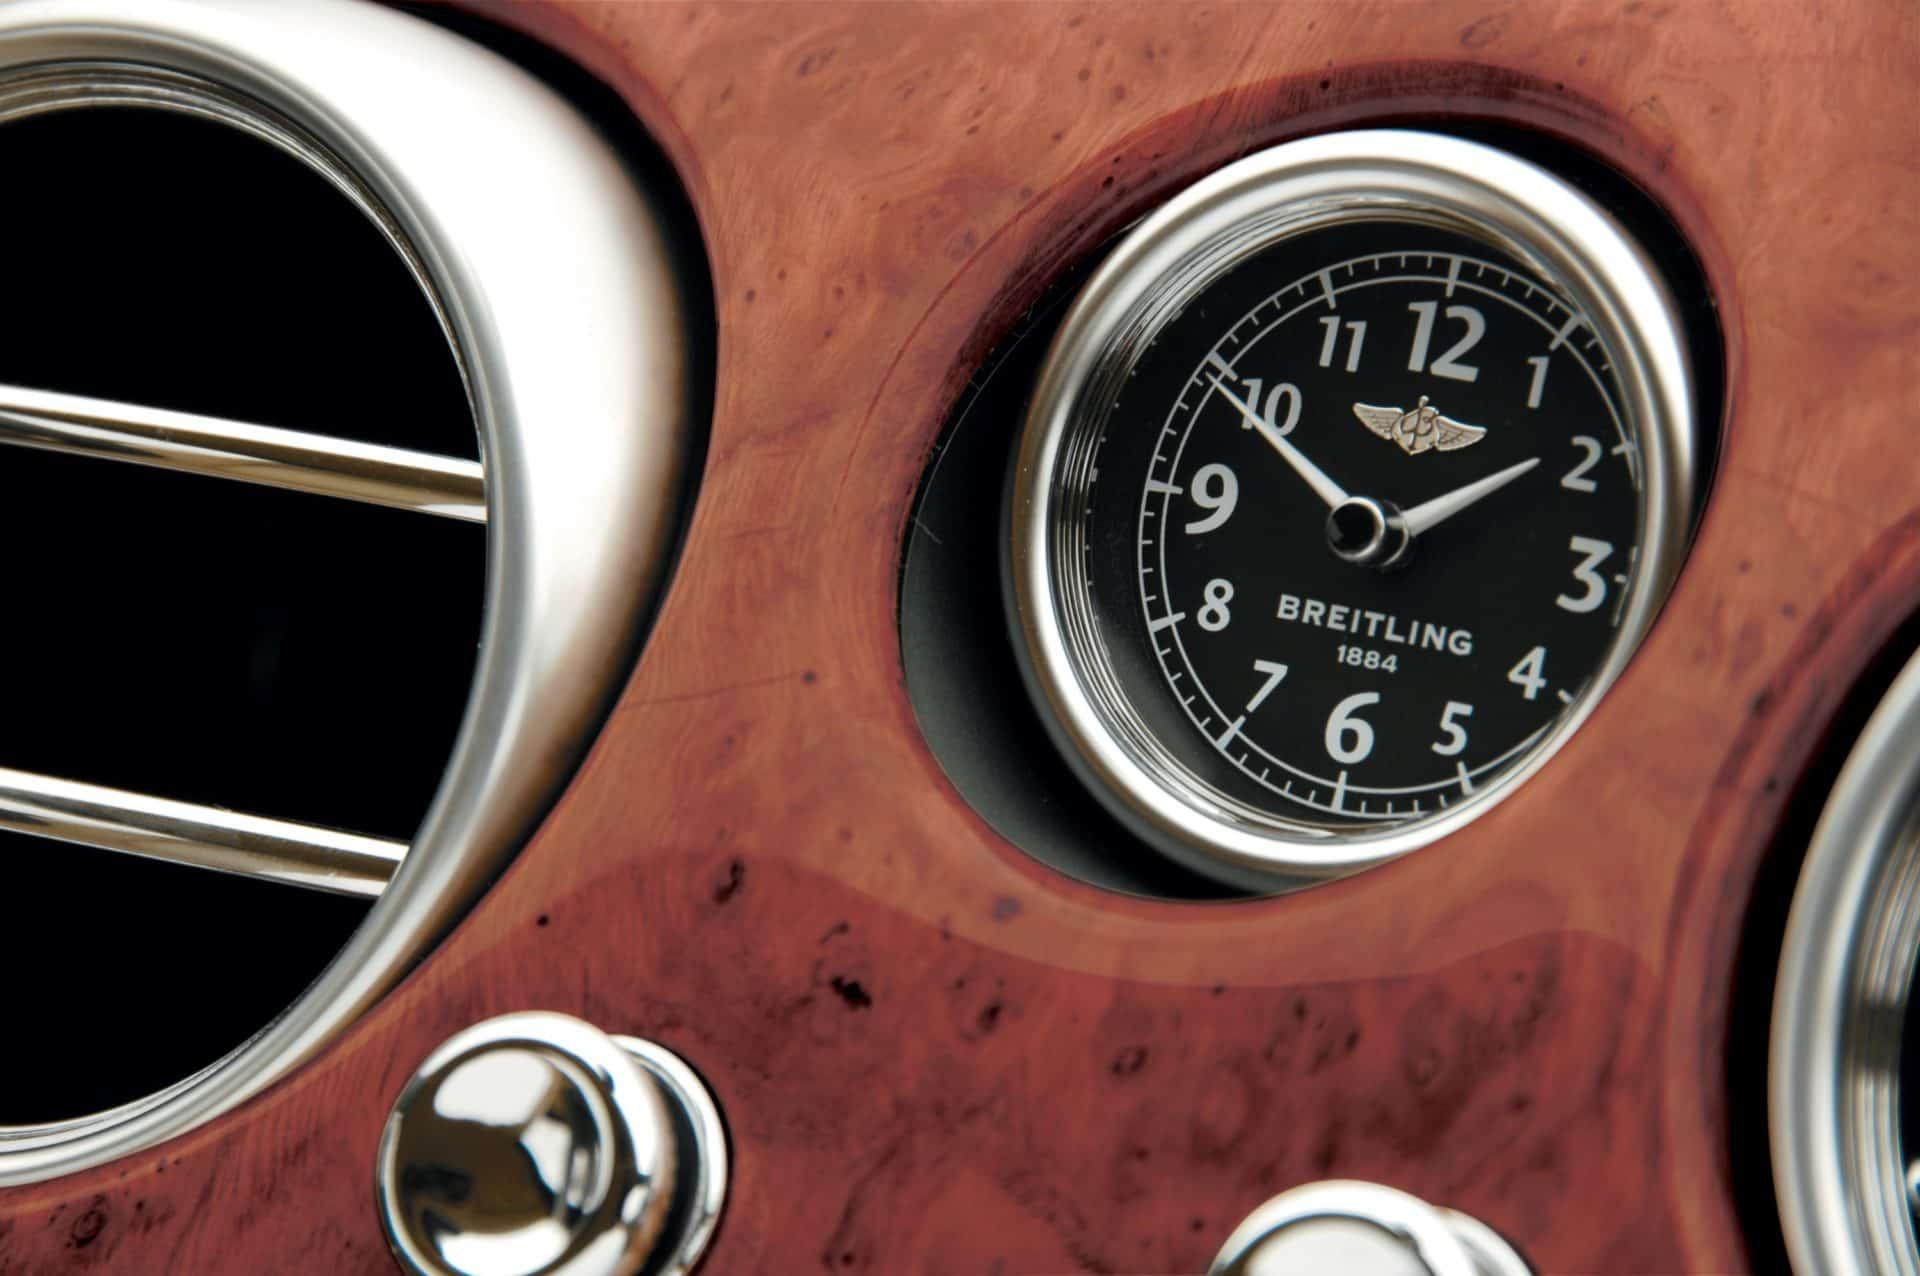 Das Dashboard eines Bentley Continental GT mit integrierter Breitling Borduhr